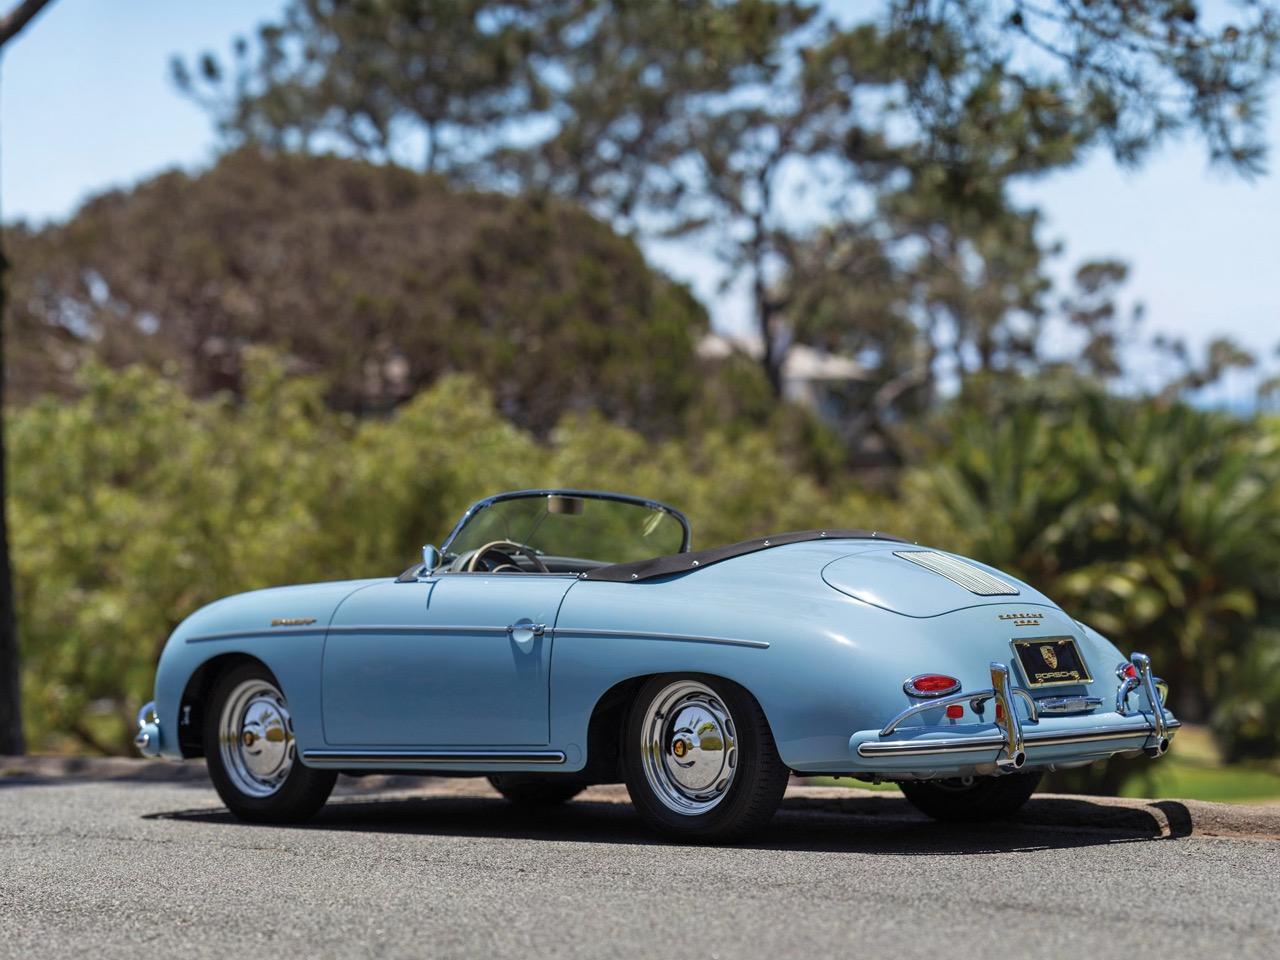 '58 Porsche 356 A 1600 Speedster : Episode 1 ! 35